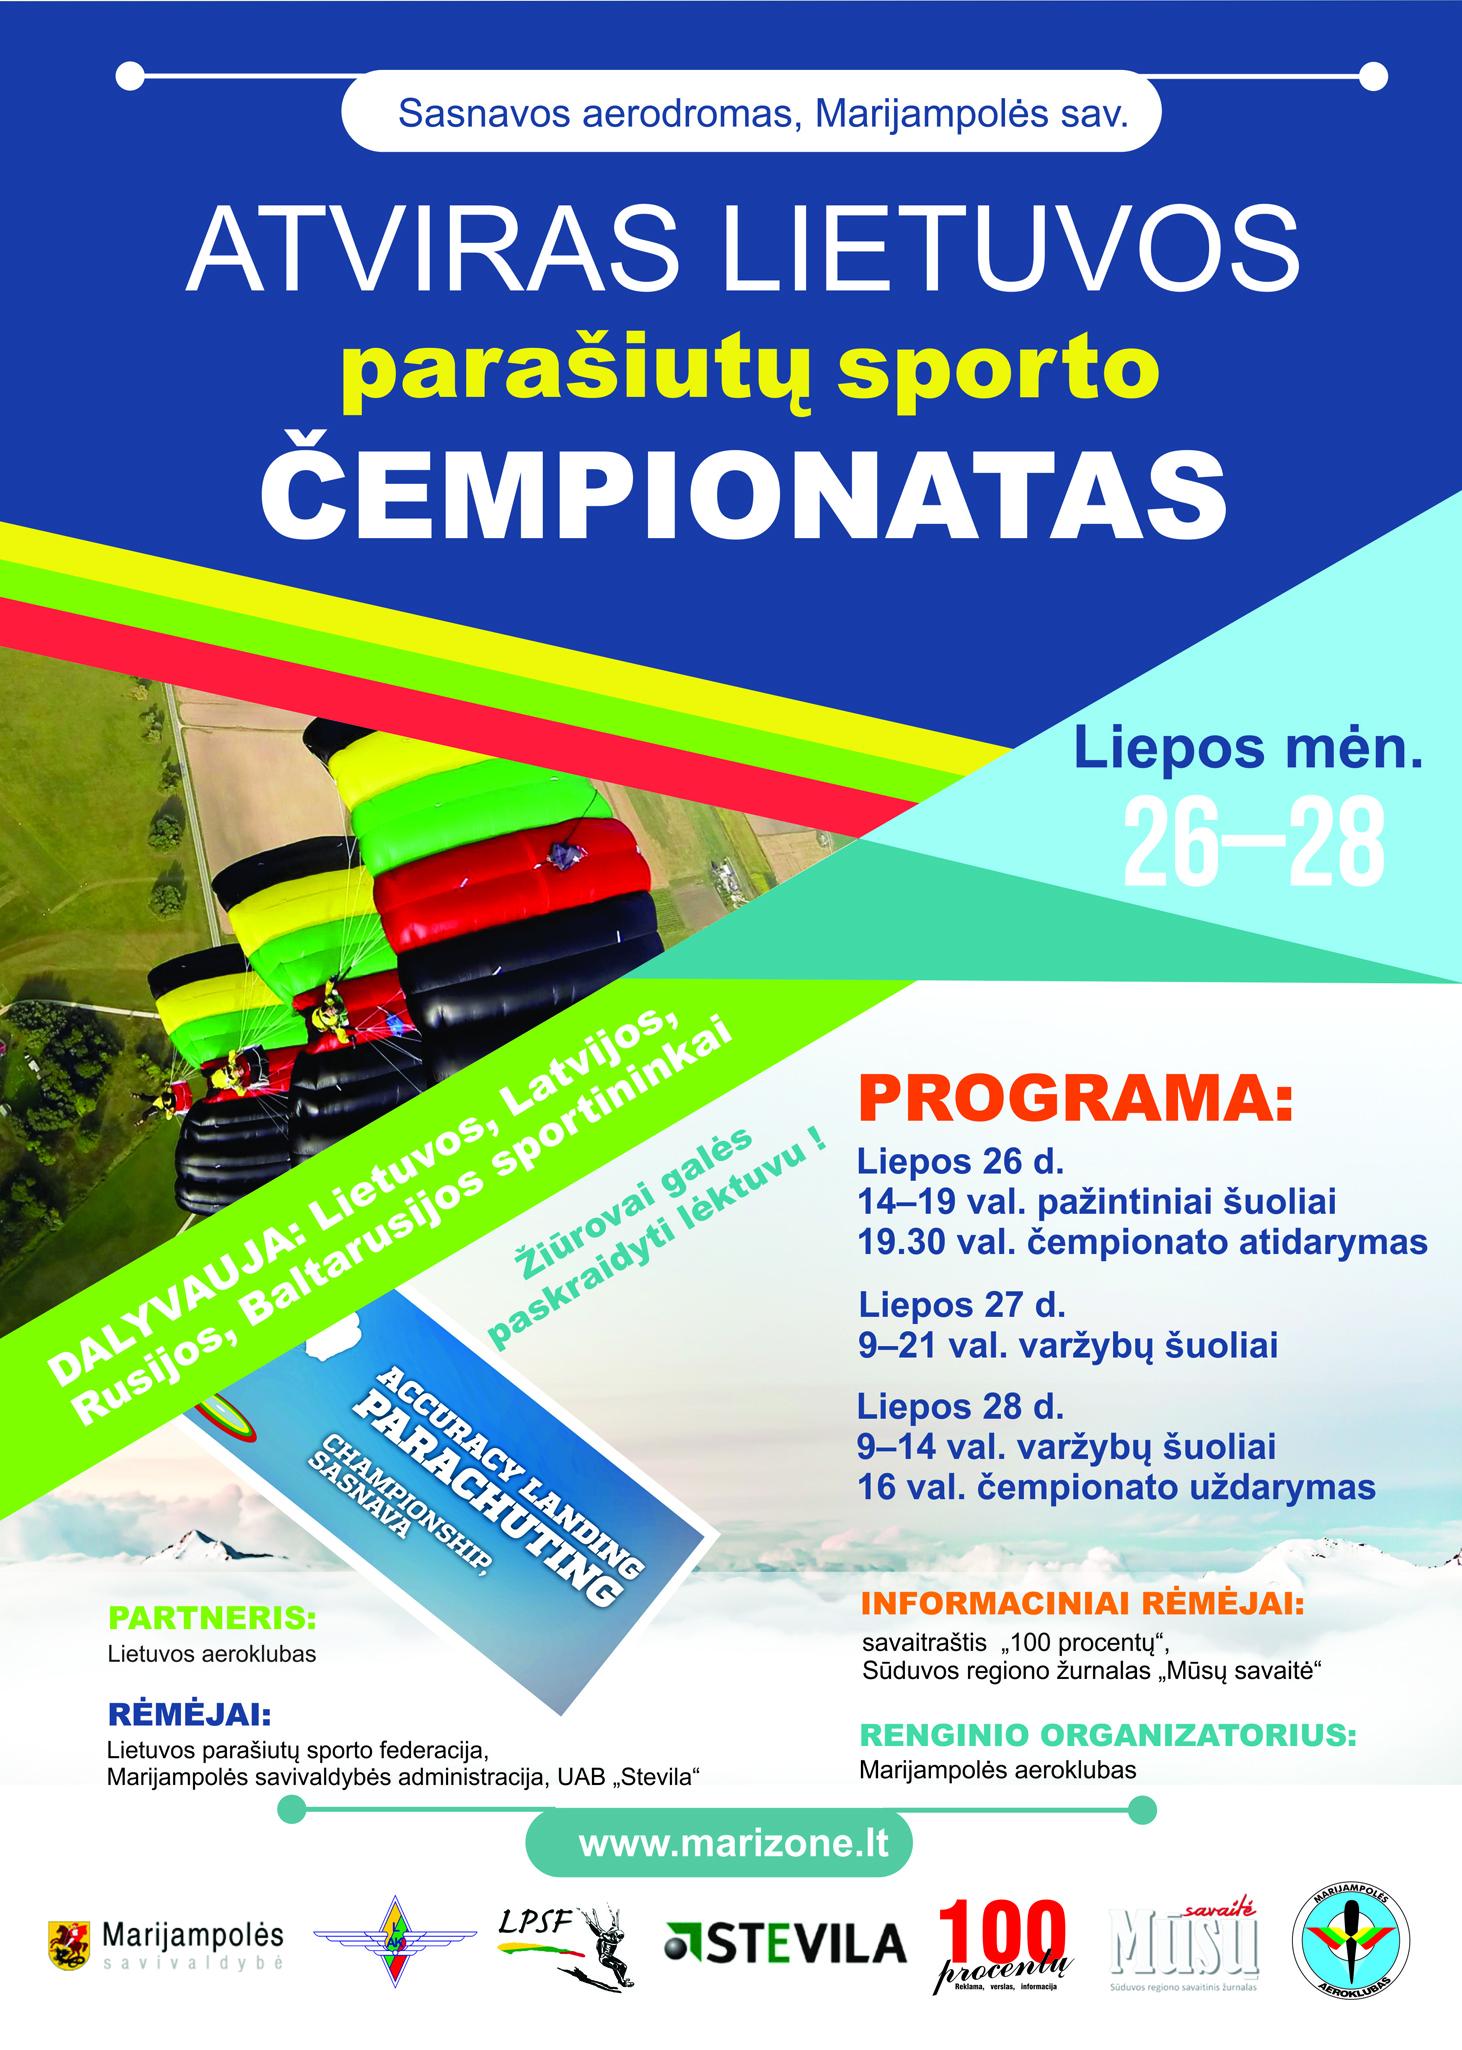 Atviras Lietuvos parašiutų sporto čempionatas